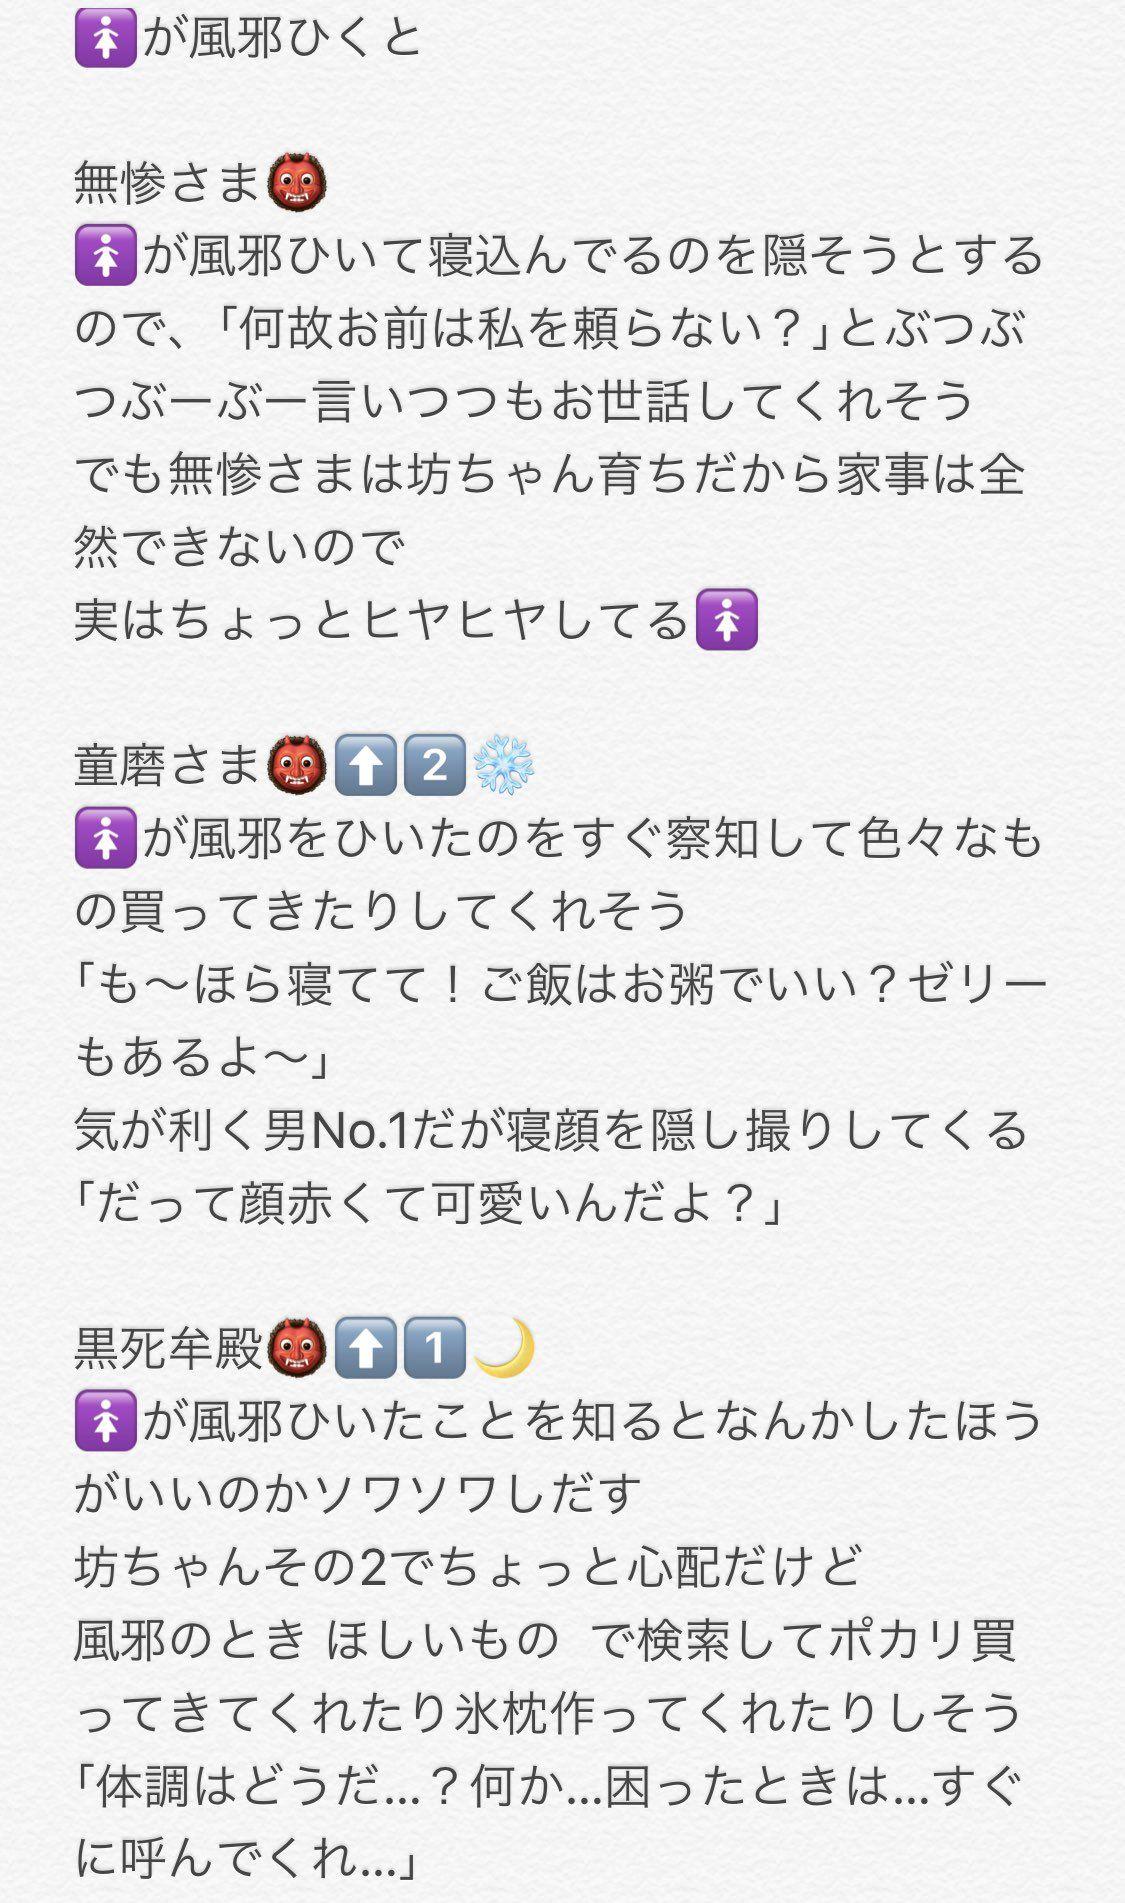 ヒロアカ×鬼滅の刃小説